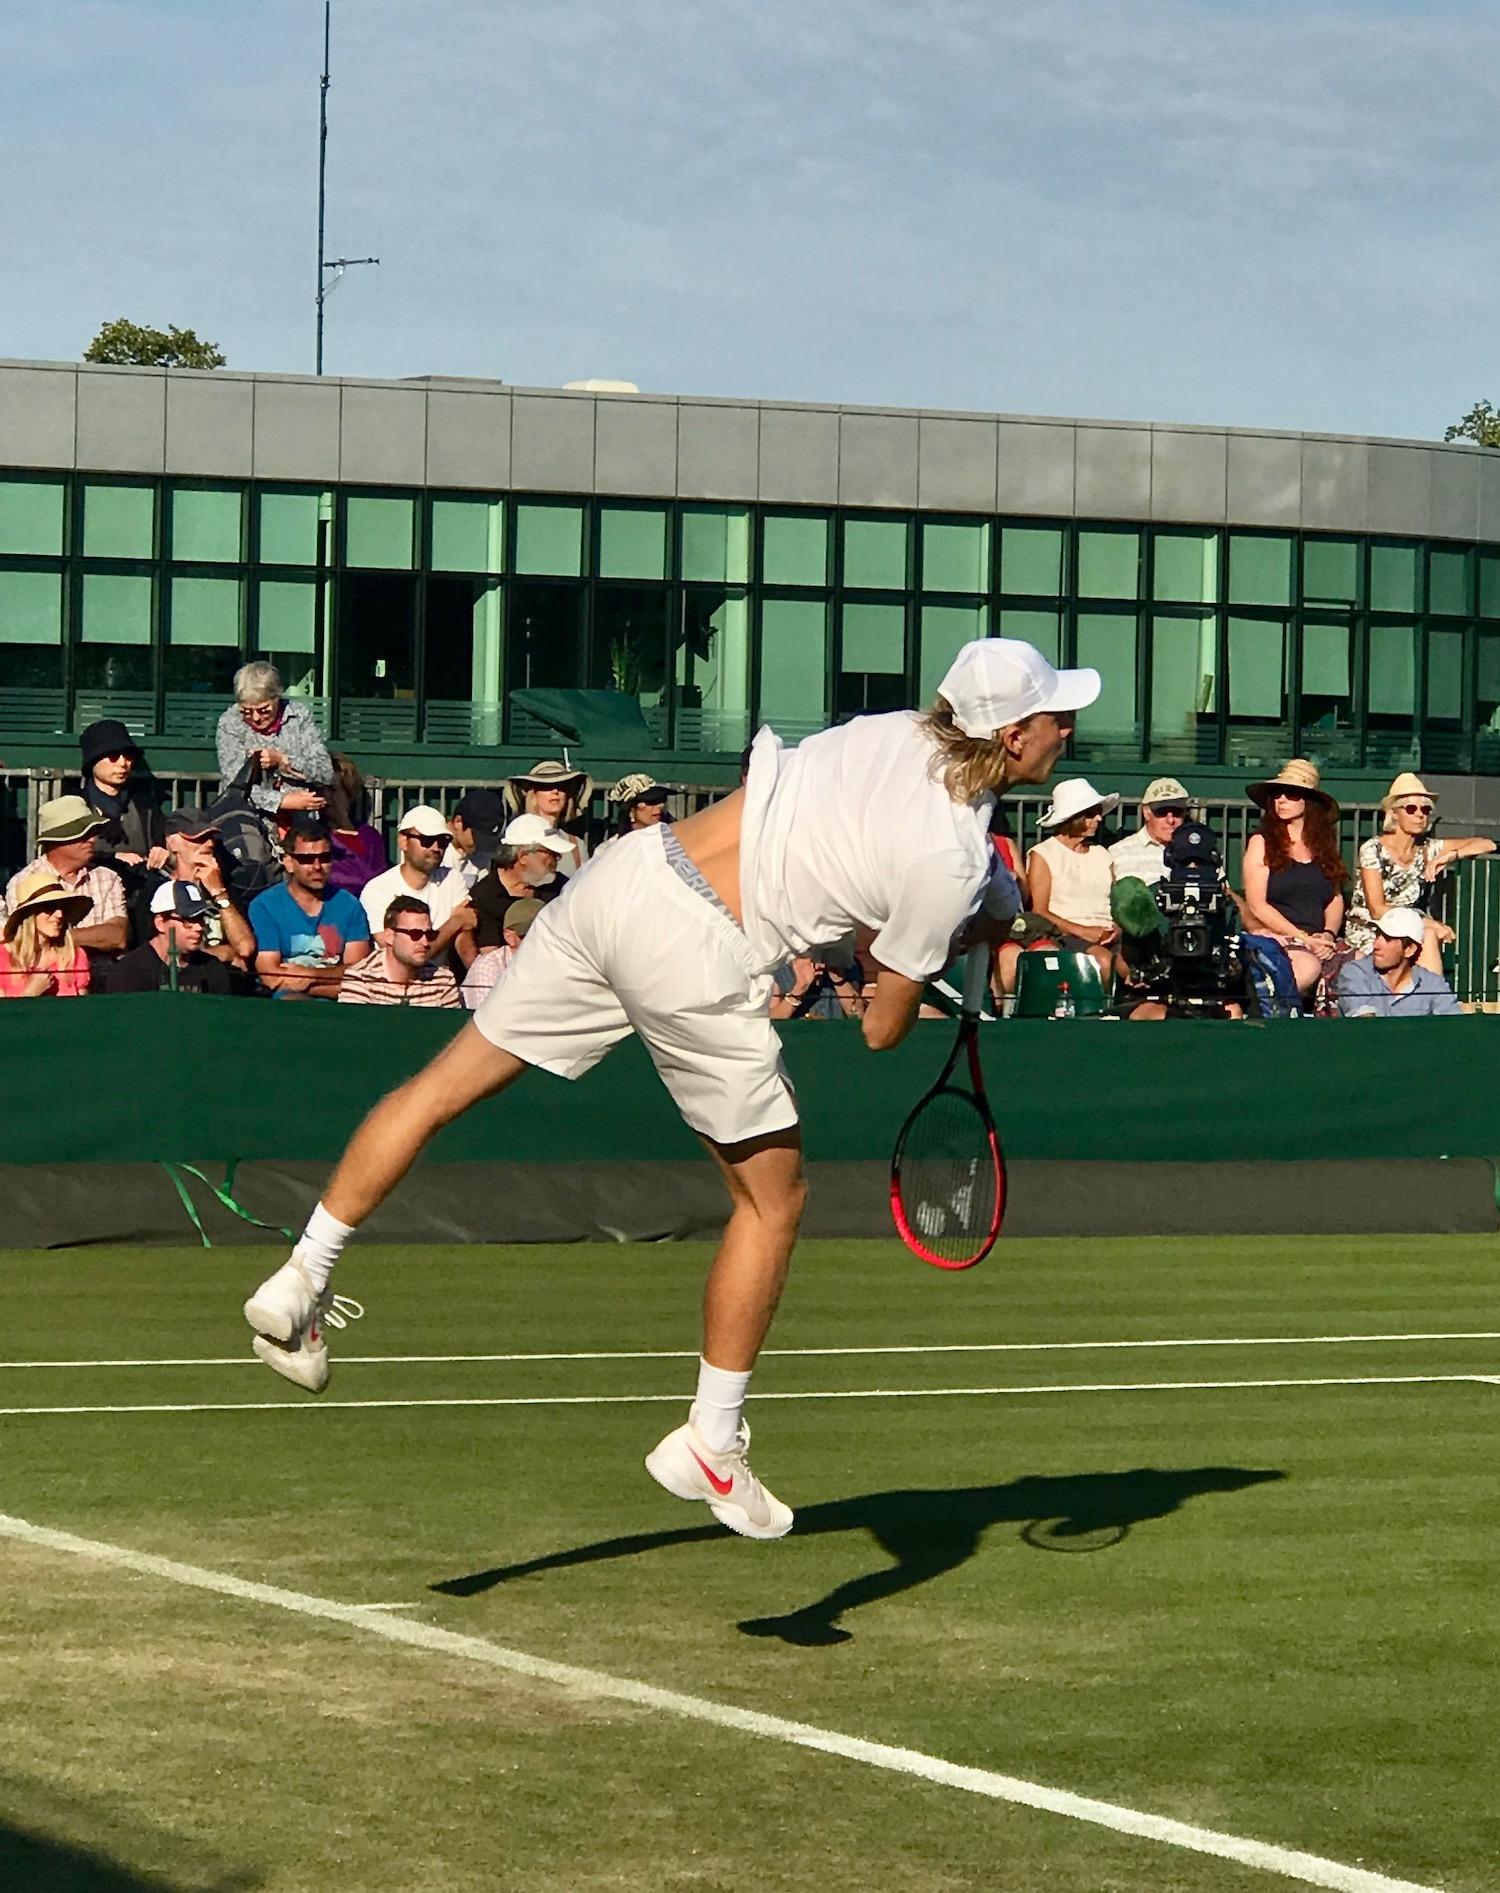 Ace Serve By Denis Shapovalov Wimbledon 2018.jpg